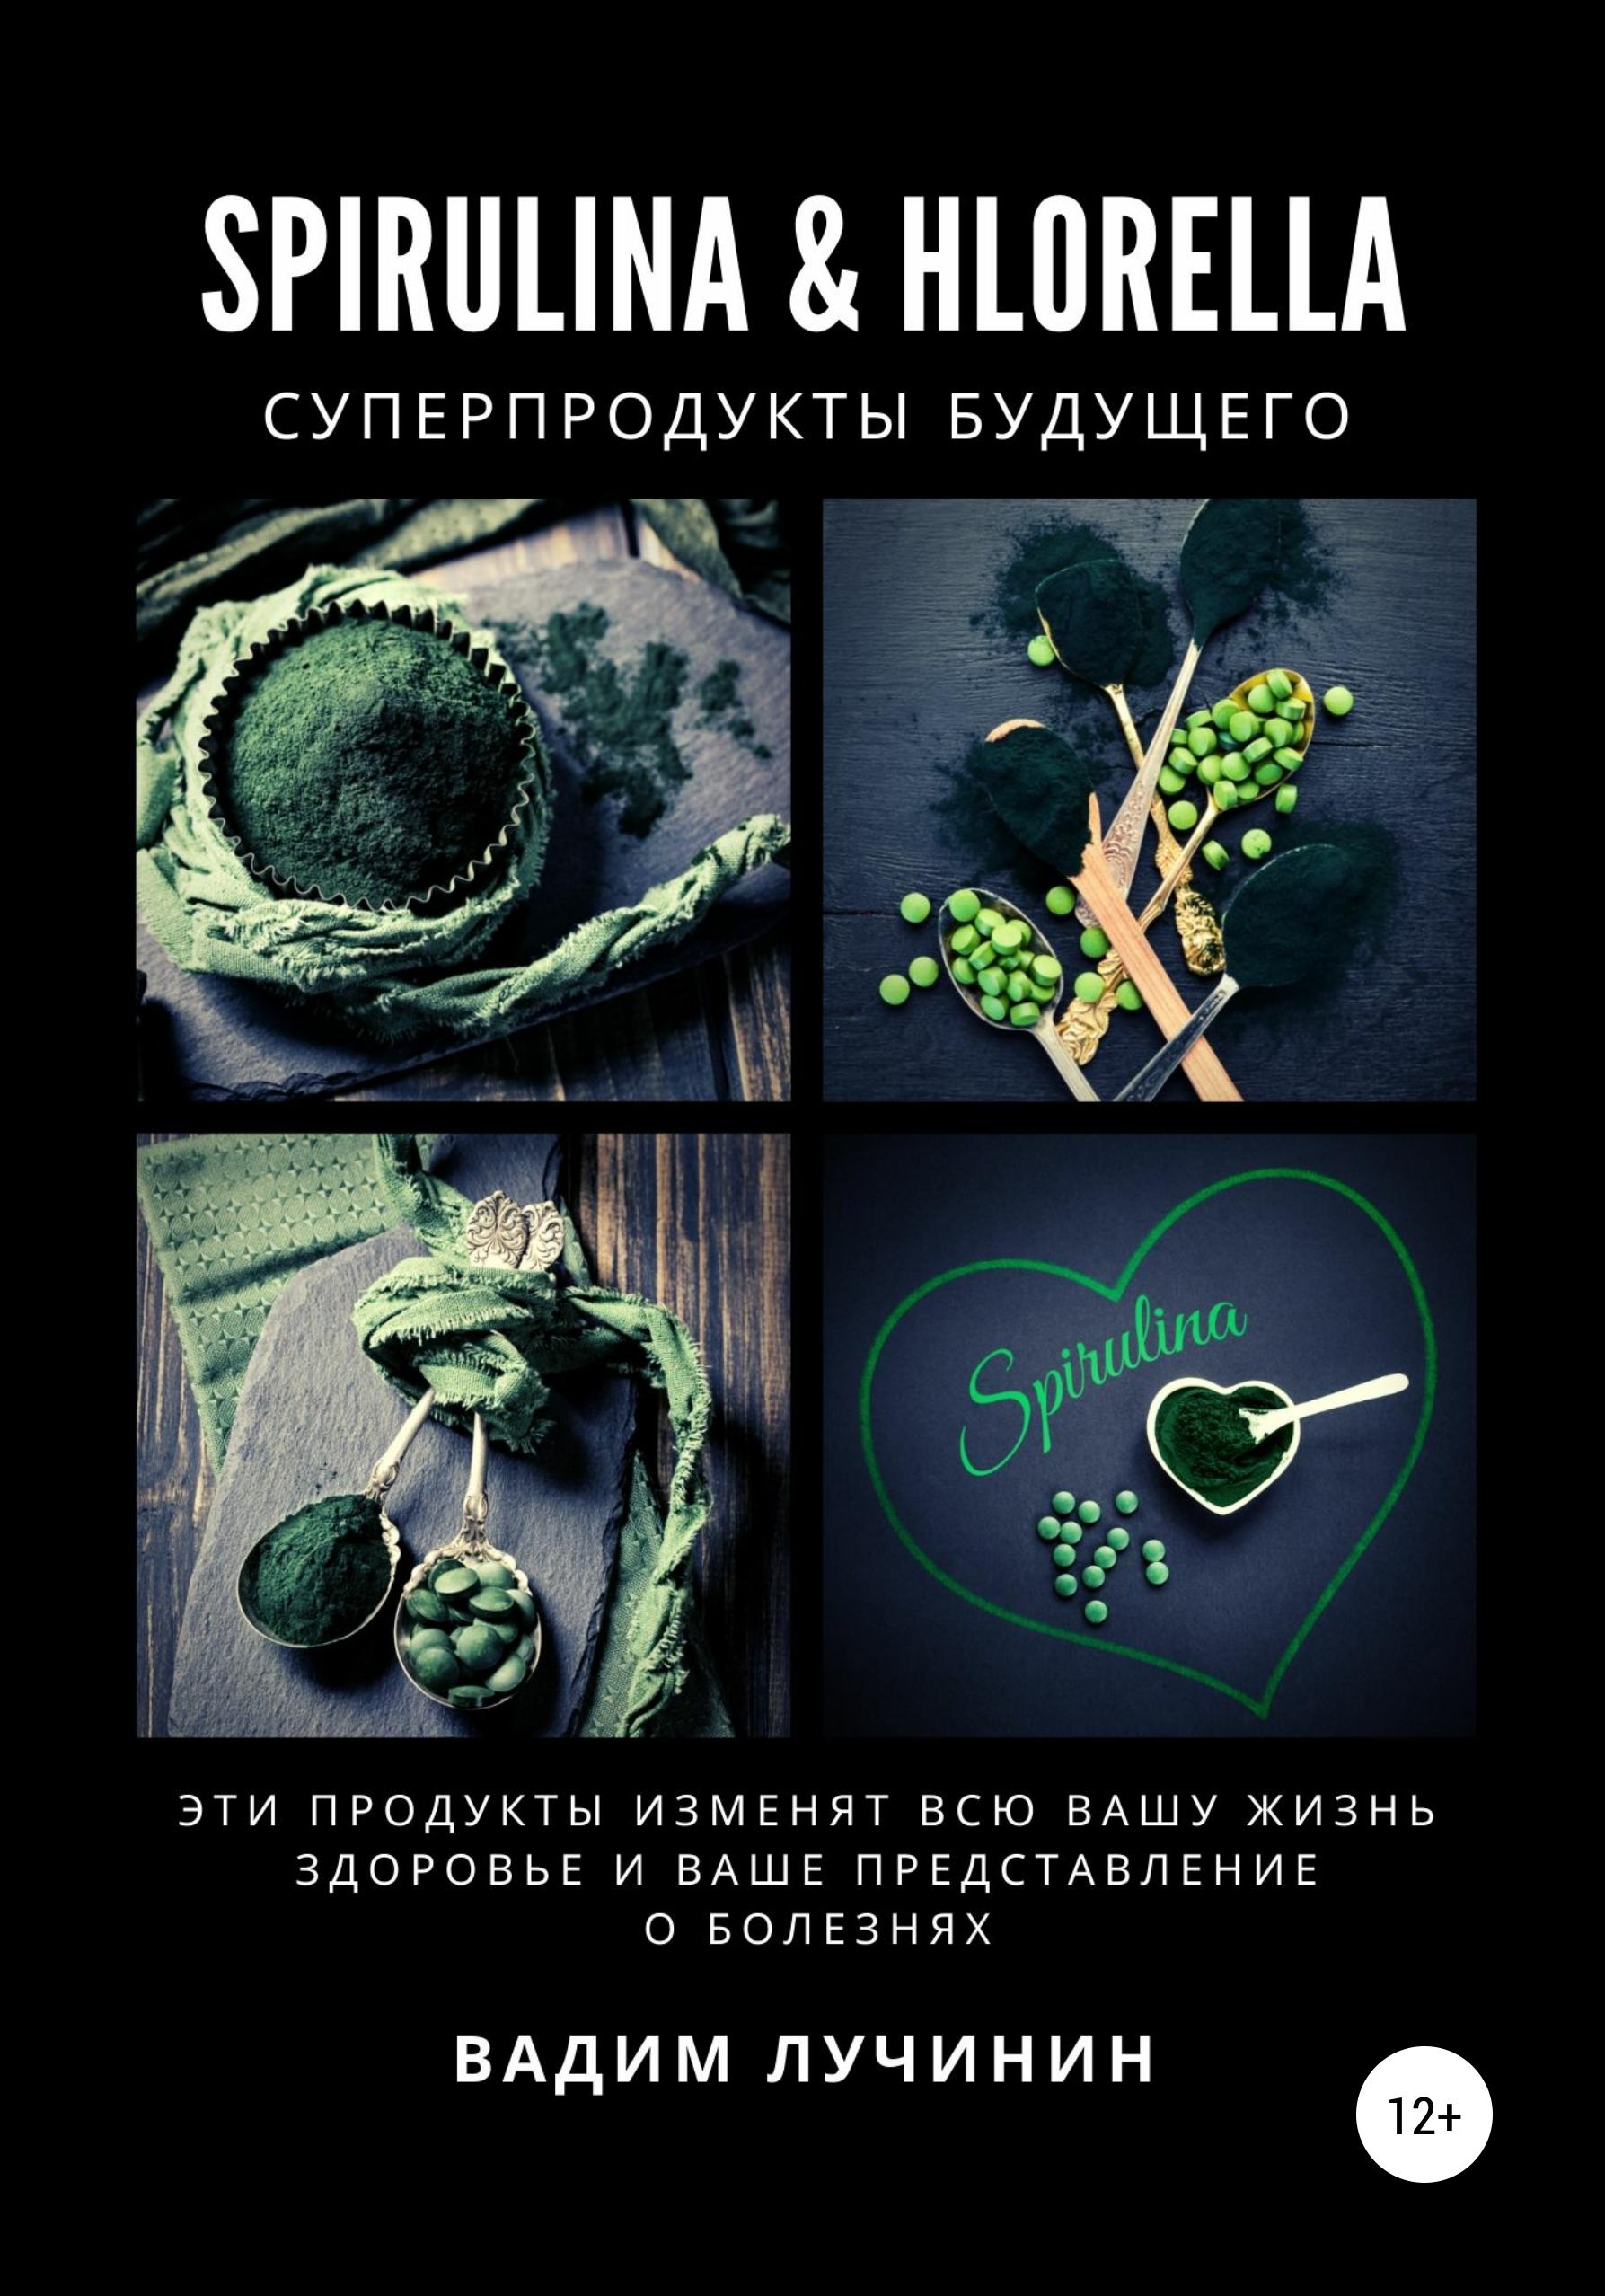 Spirulina & Hlorella – суперпродукты будущего